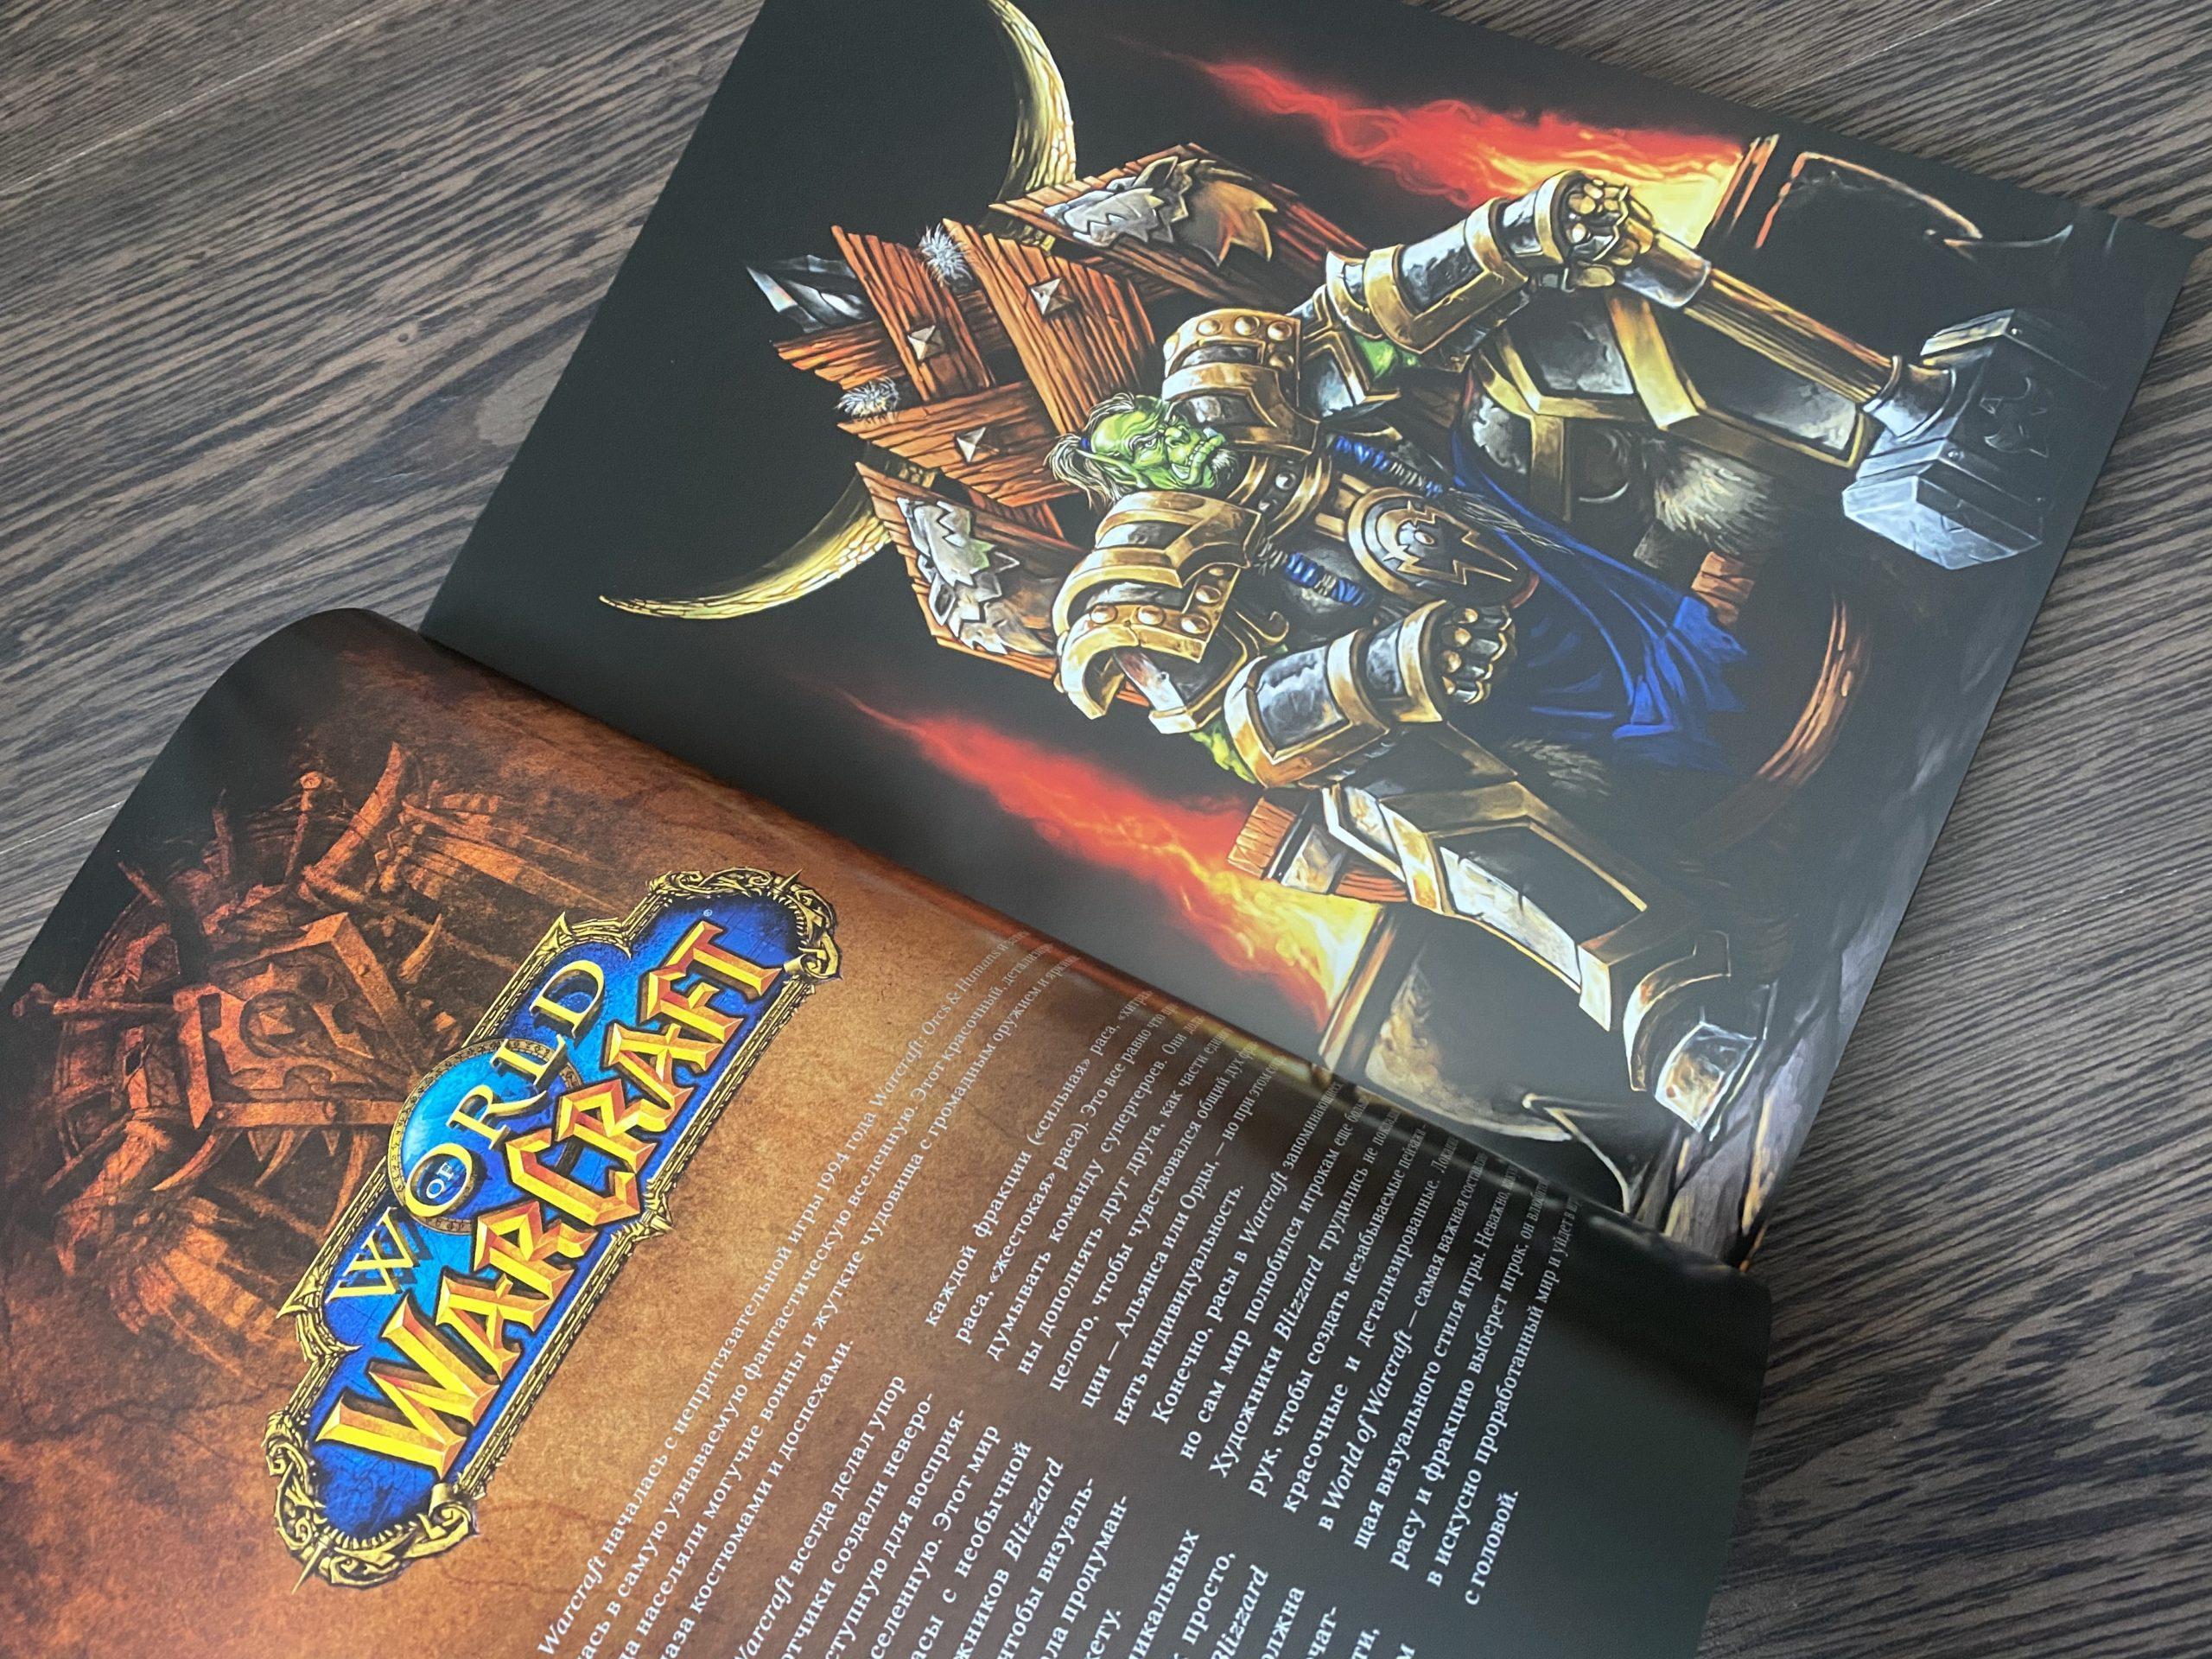 Обзор артбука «Вселенная Blizzard» - Художественное путешествие к истокам 23